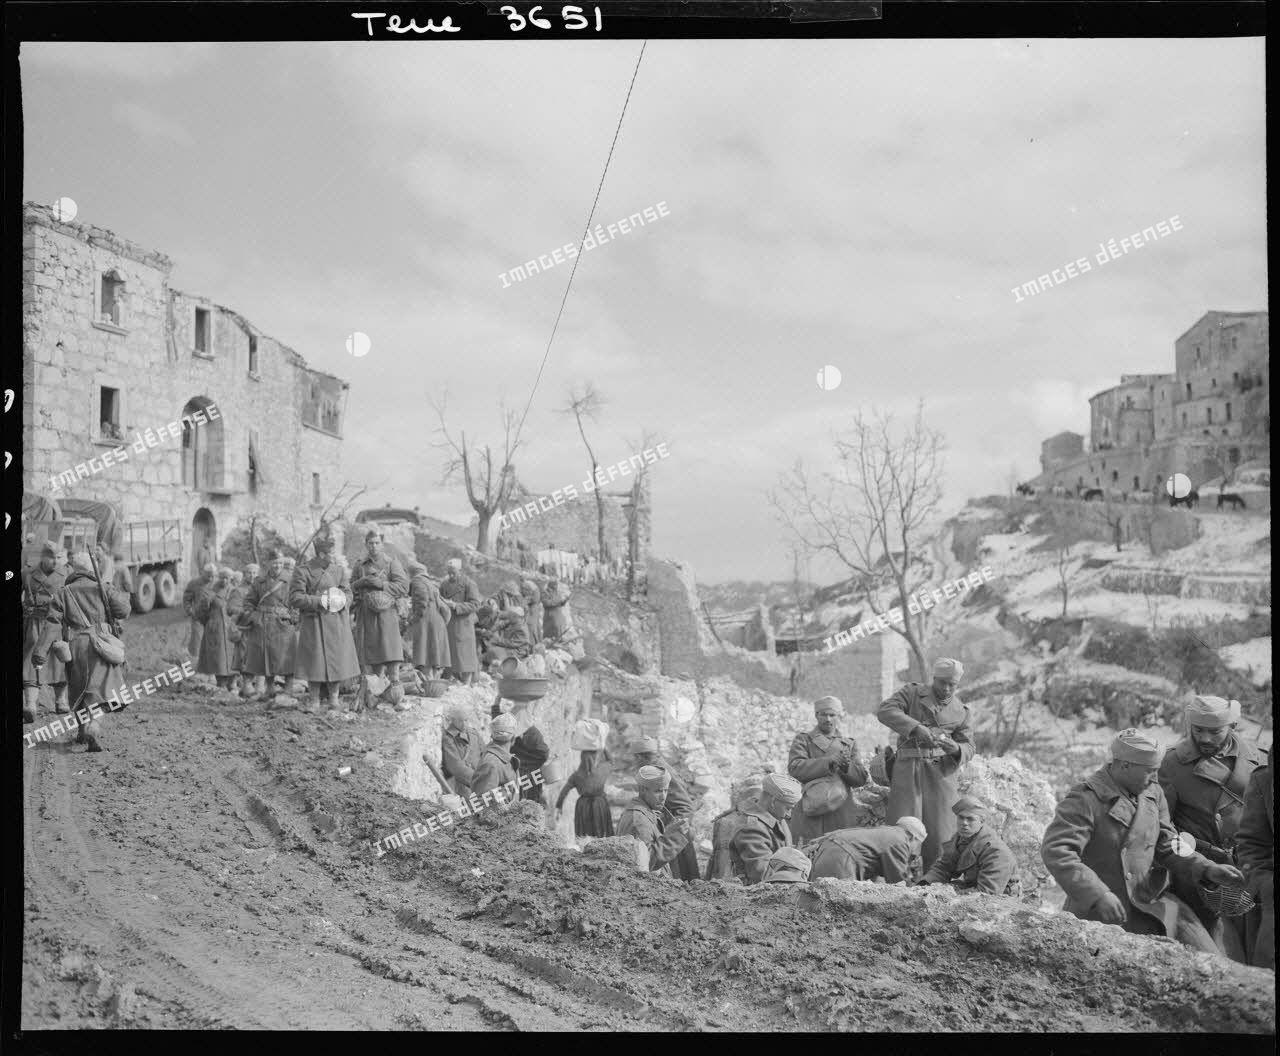 Des tirailleurs du 6e régiment de tirailleurs marocains (RTM) de la 4e division marocaine de montagne (DMM) se restaurent à l'entrée du village de Viticuso (à douze kilomètres à l'est de Cassino) avant d'être mis à la disposition de la 3e division d'infanterie algérienne (DIA).